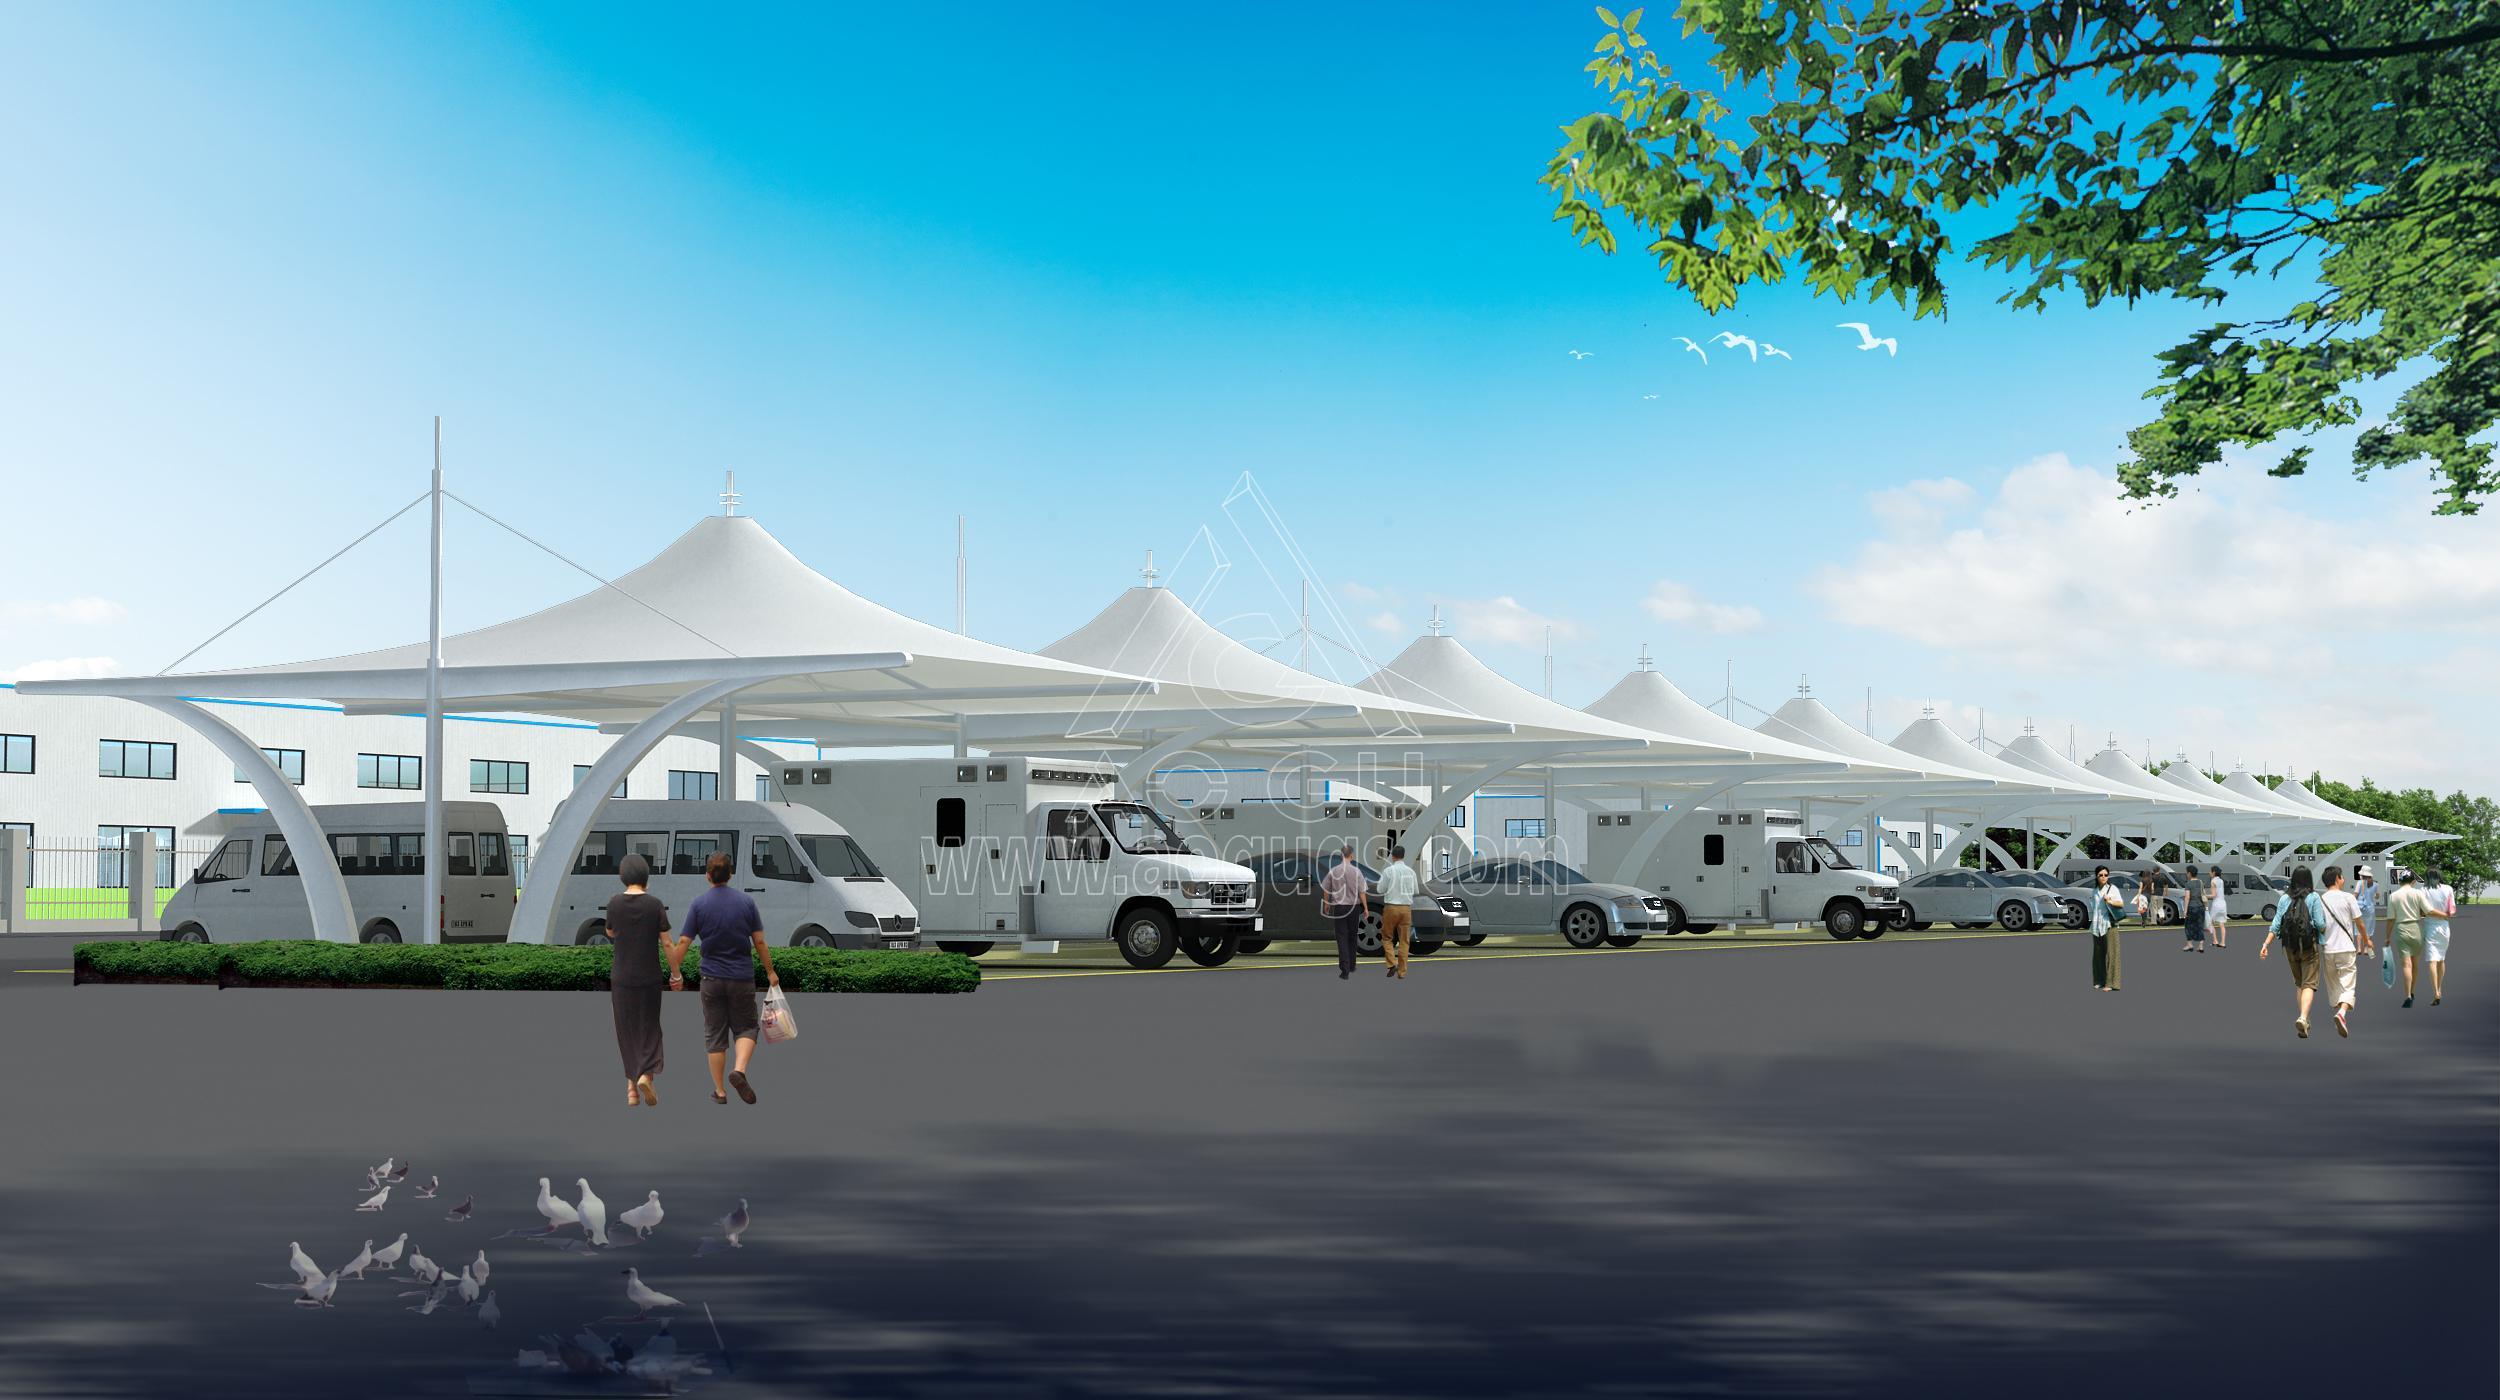 膜结构汽车停车棚全套效果图片大全产品演示图4